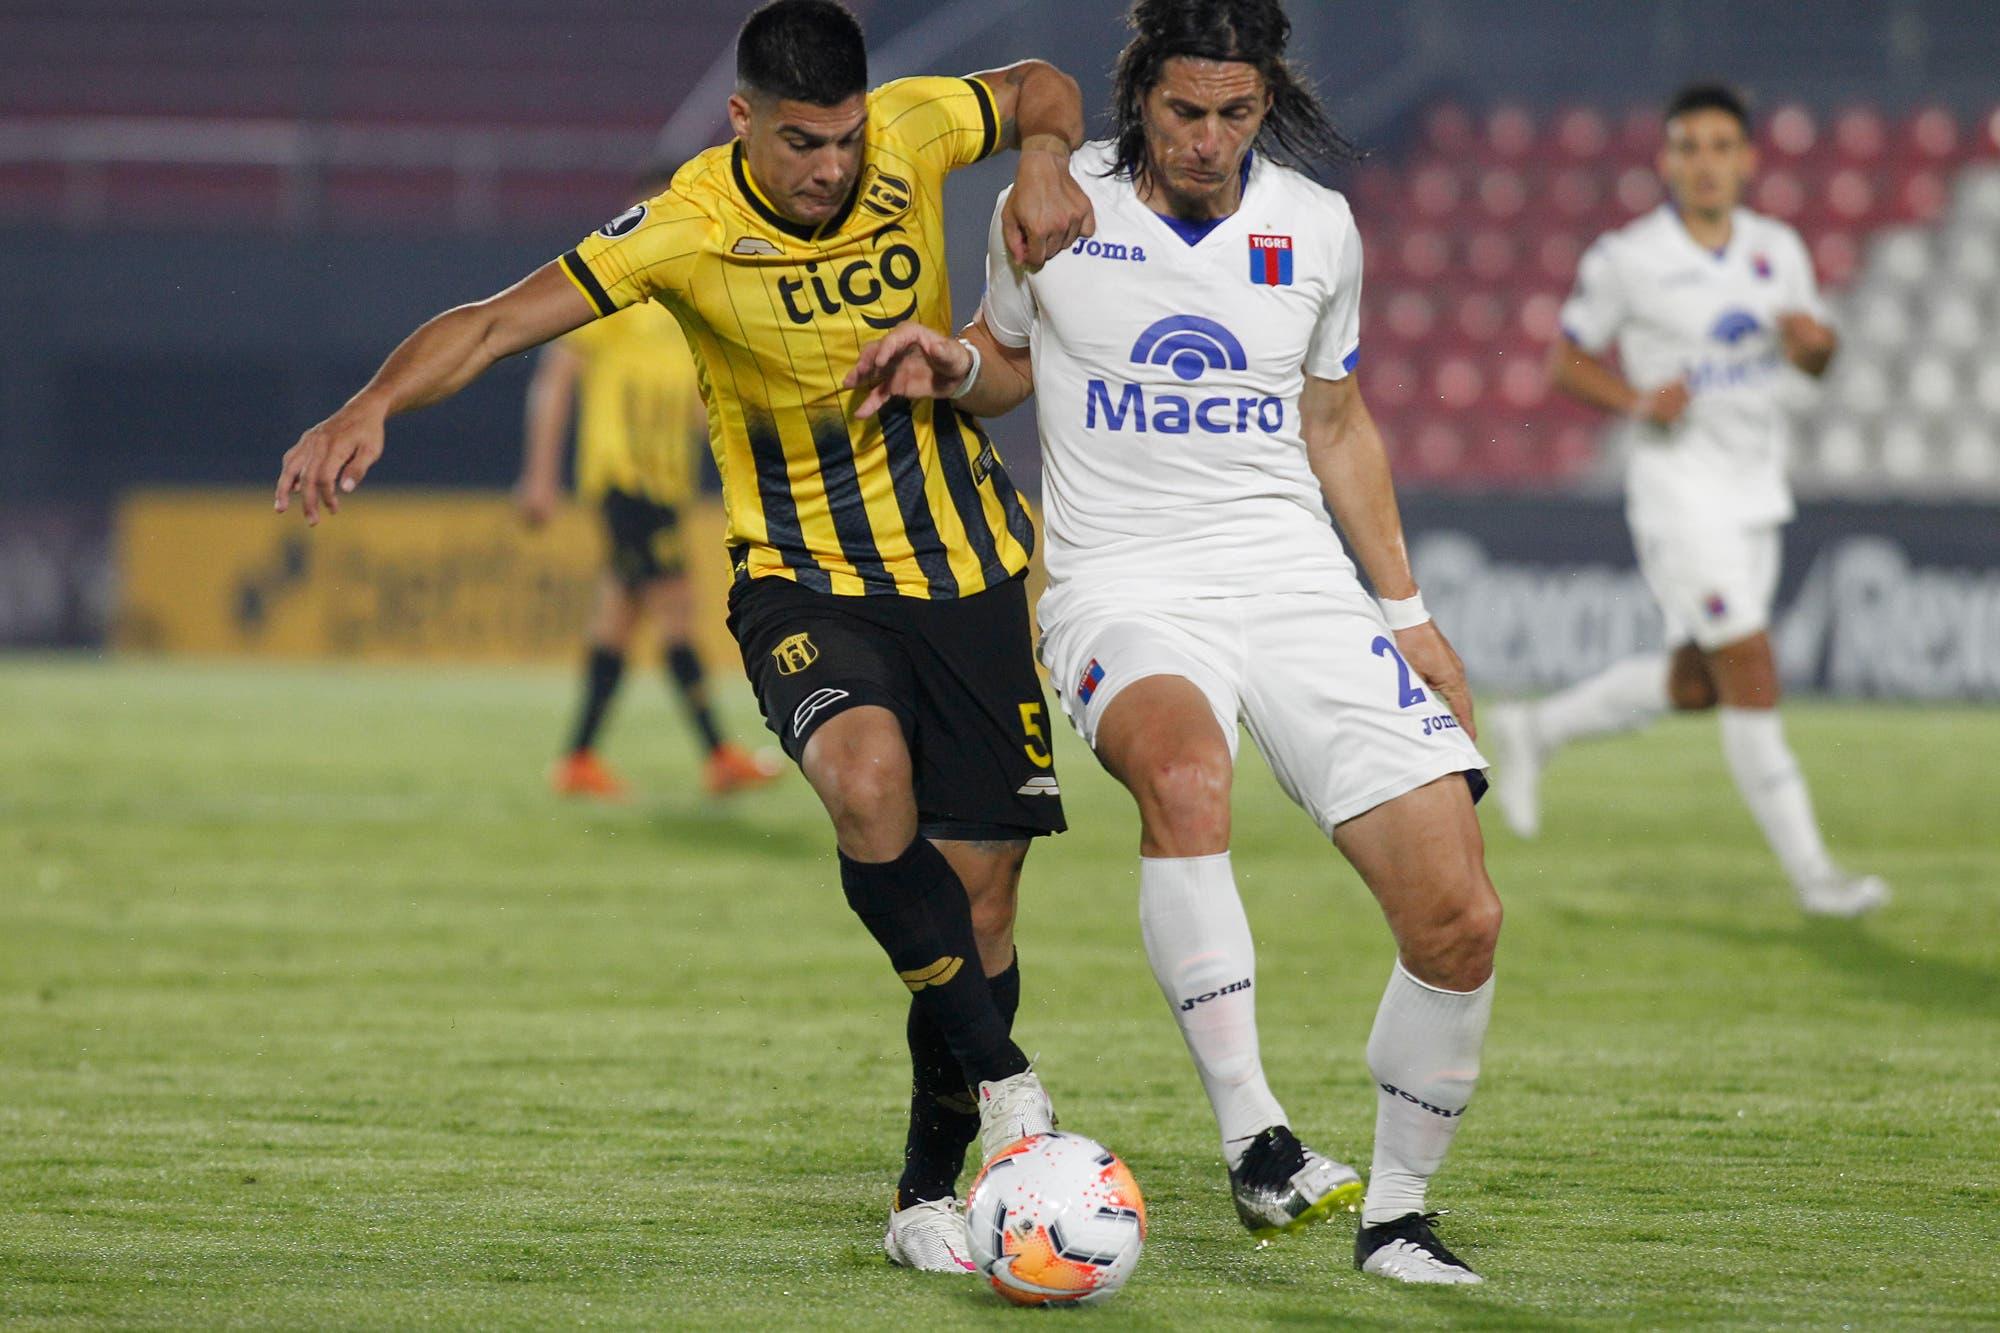 Tigre-Guaraní, por la Copa Libertadores: horario, TV y formaciones